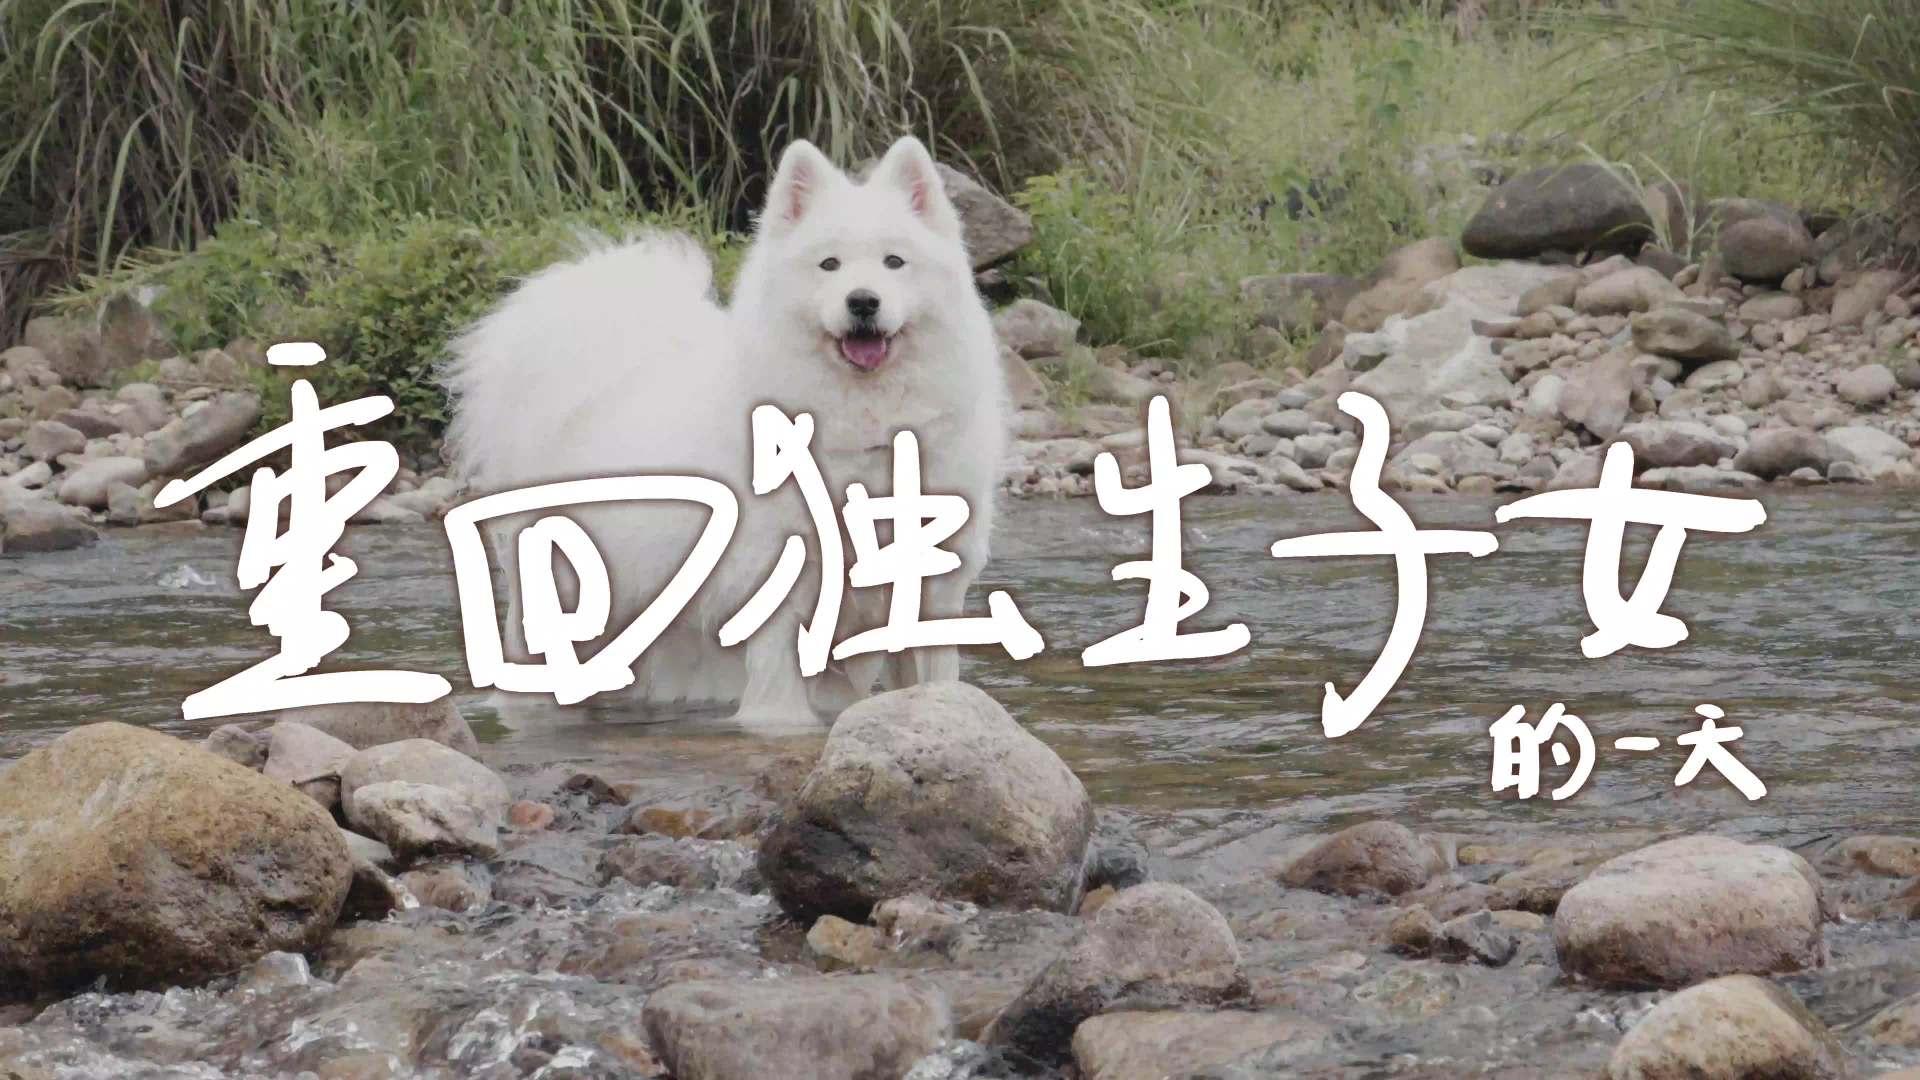 萨摩耶软糖当一日独生子女狗,游泳洗澡吃奶油,太开心了吧?